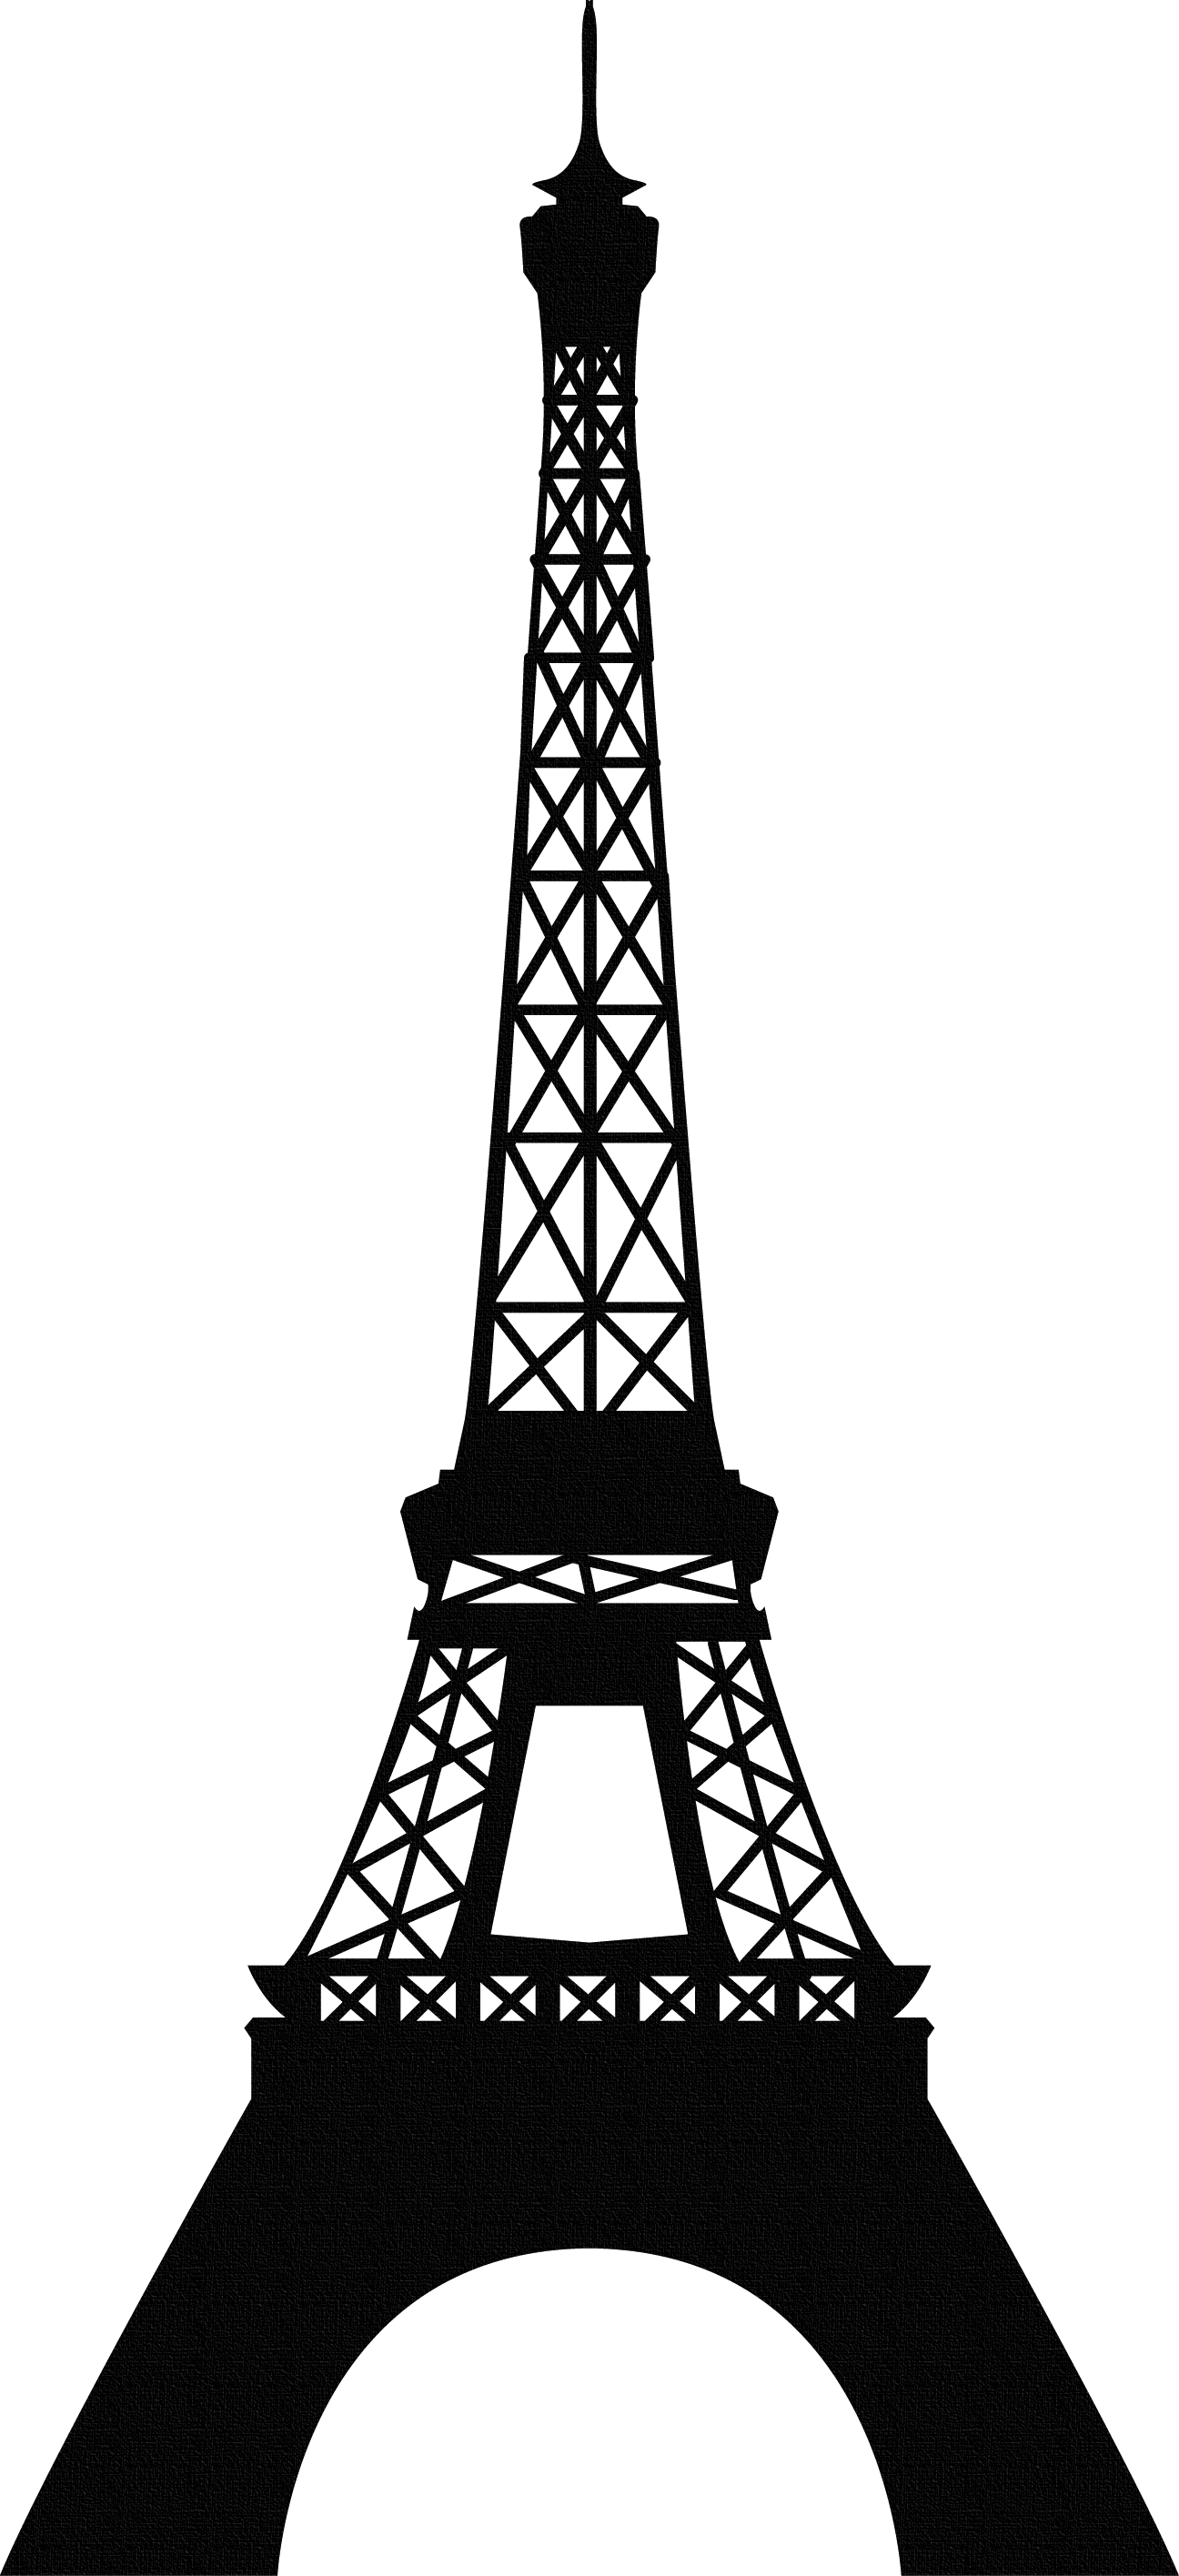 Pin De Ely Banos Em Paris Mon Amour Torre Eiffel Desenho Paris Png Torre Eiffel